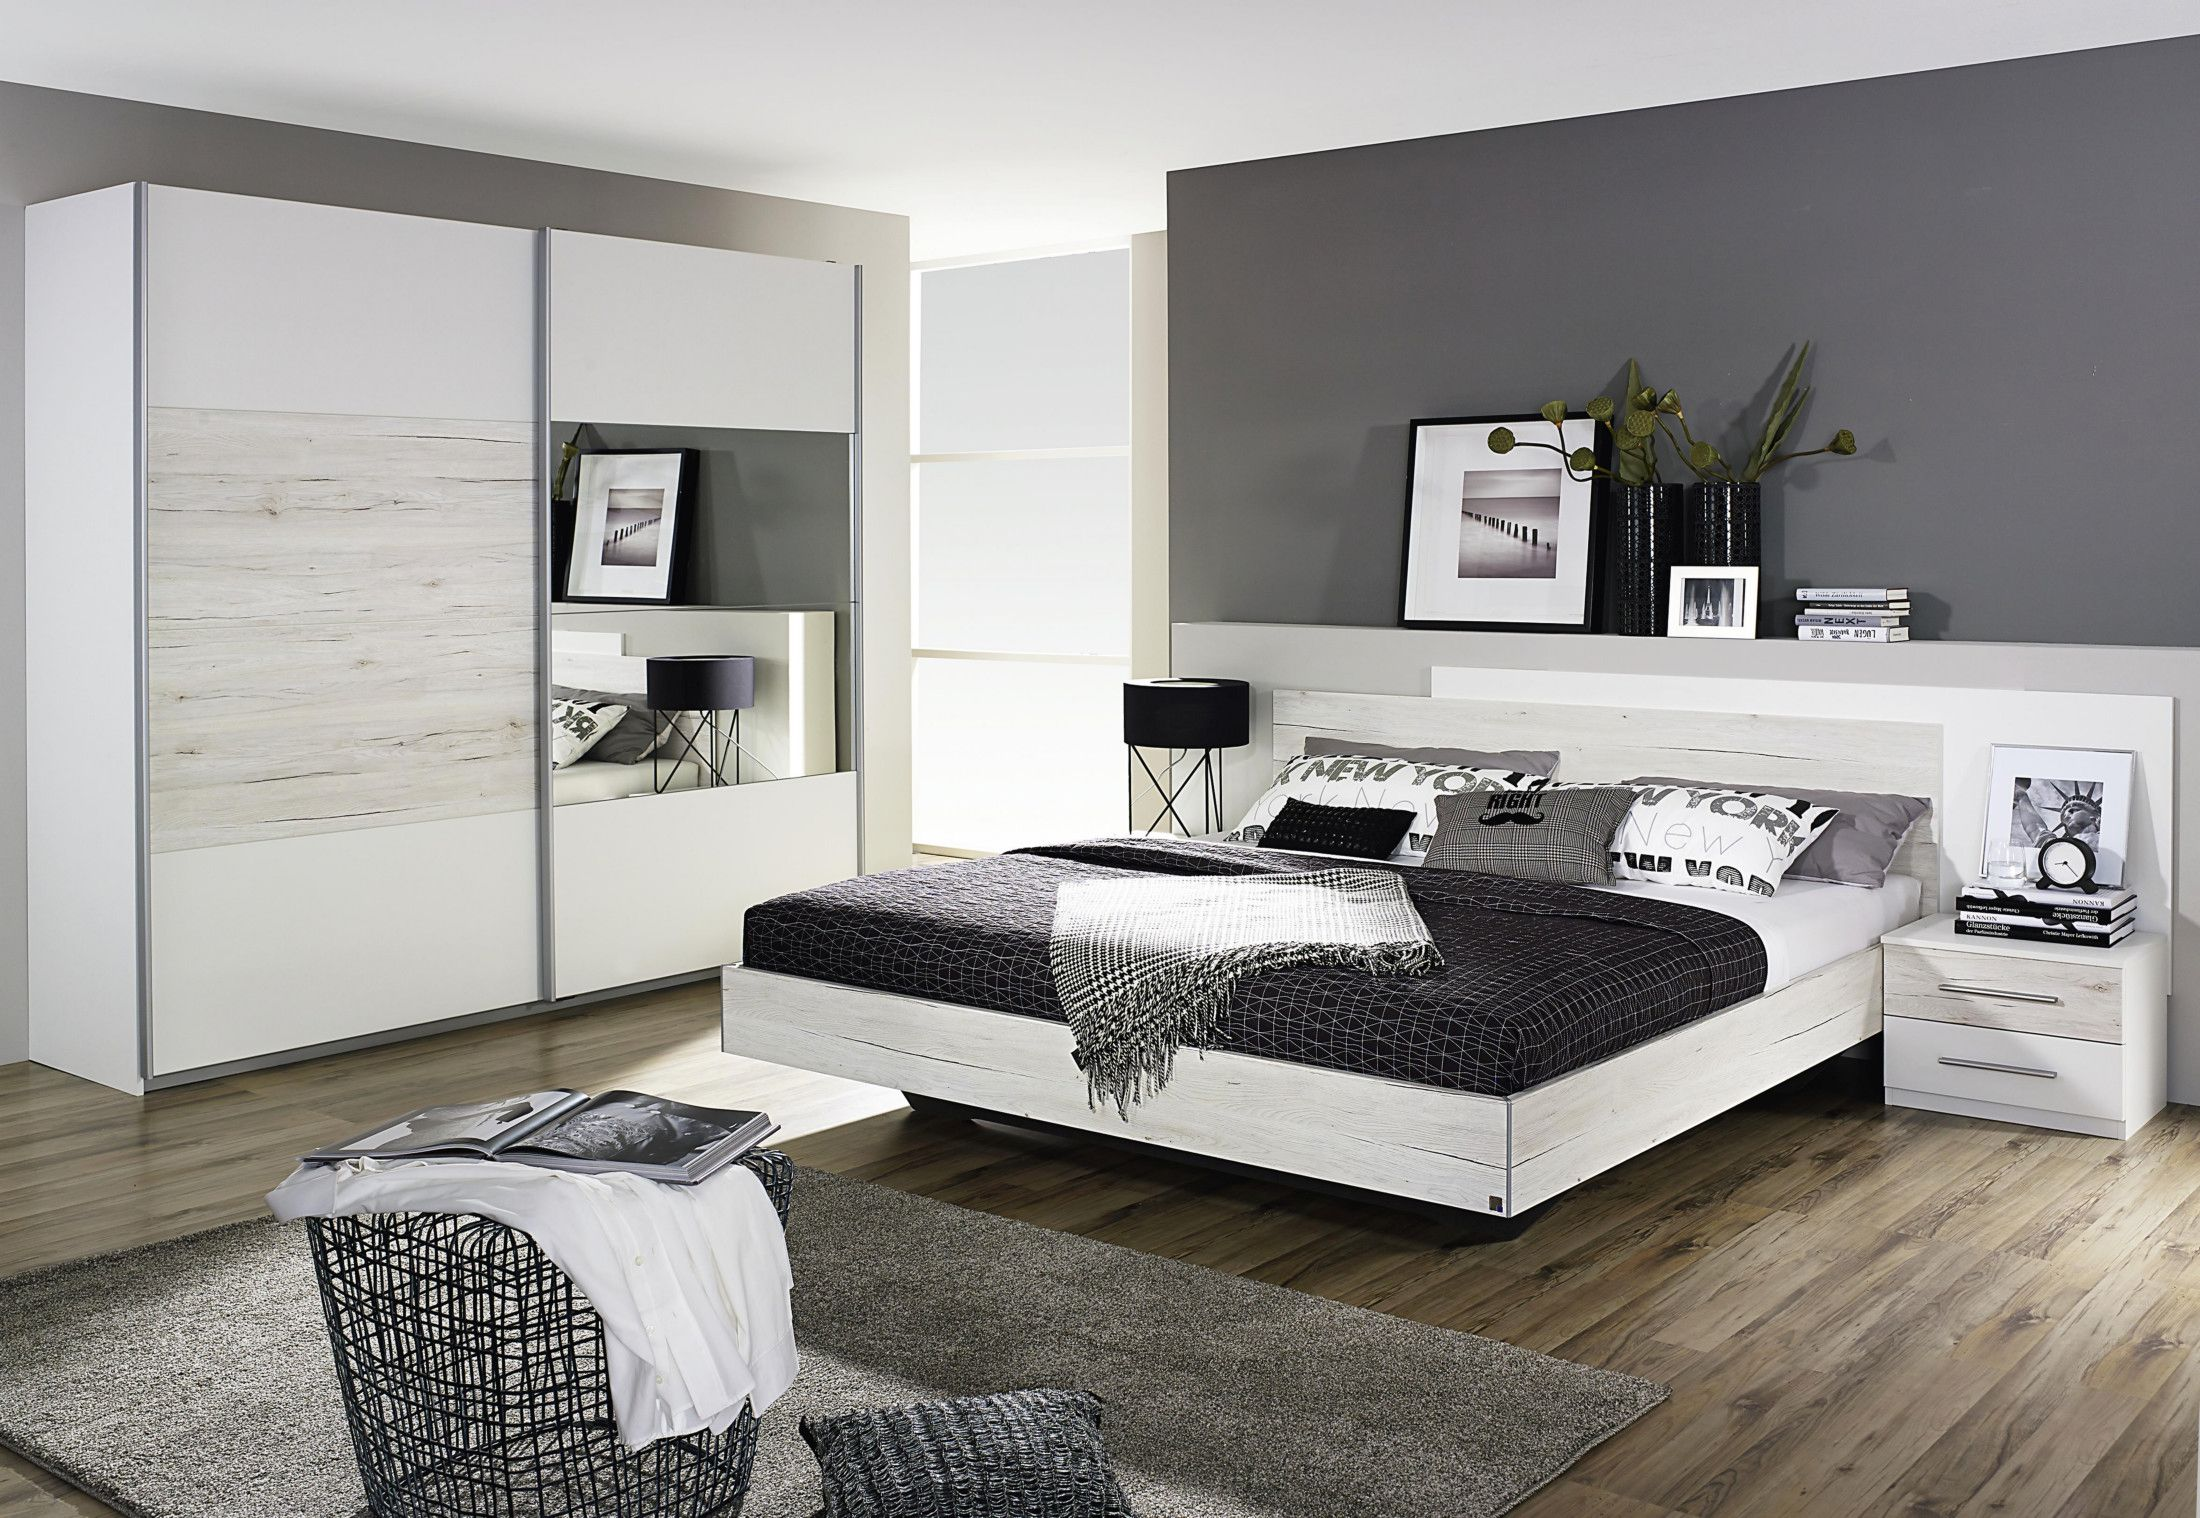 Wunderbar Schlafzimmer Set In Alpinweiss Woody 33 01142 Eiche Modern Jetzt Bestellen  Unter: Https